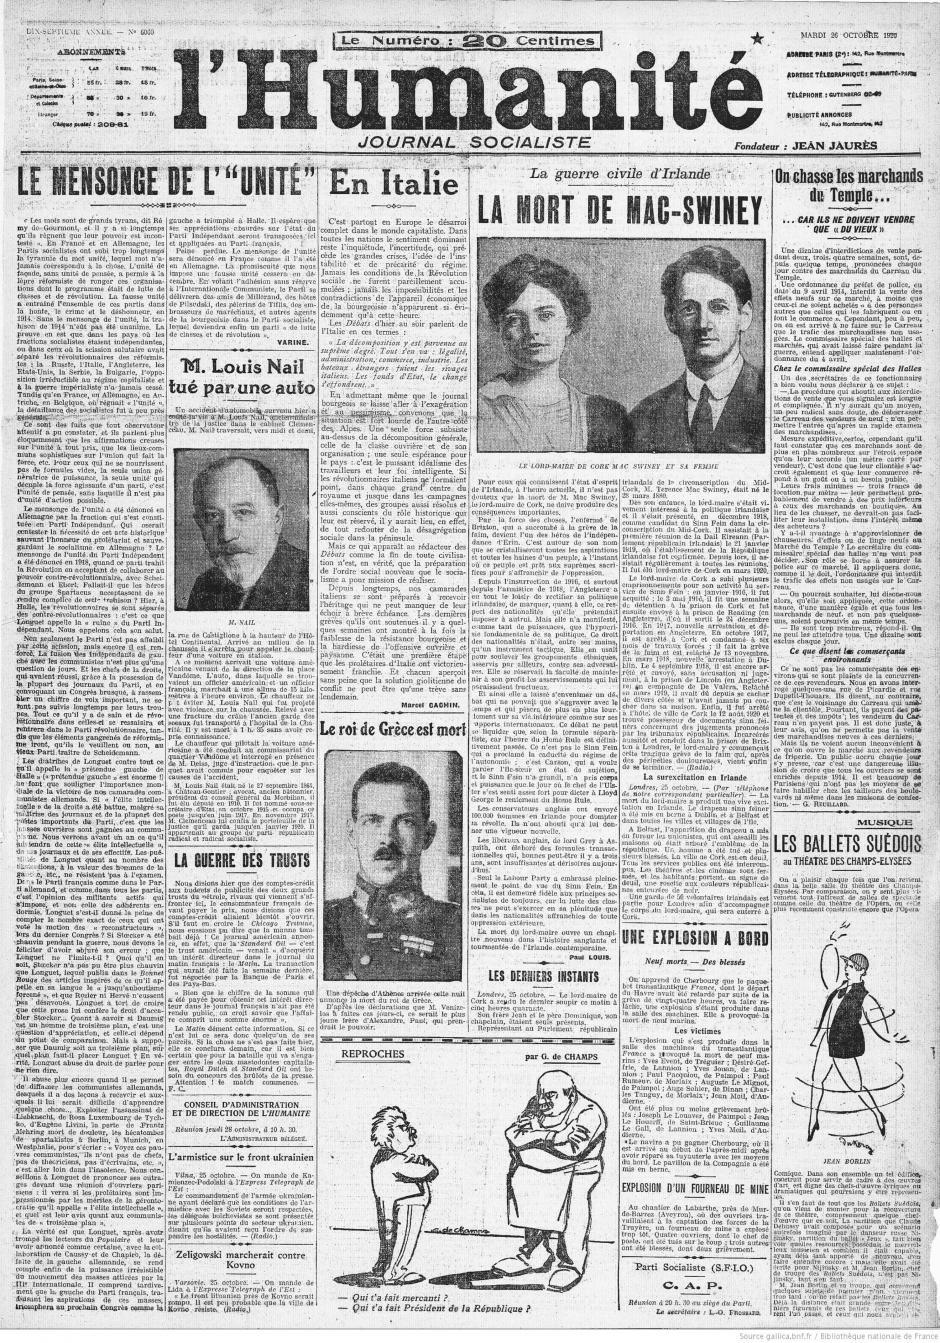 Centenaire du PCF, au jour le jour : L'Humanité du mardi 26 octobre 1920